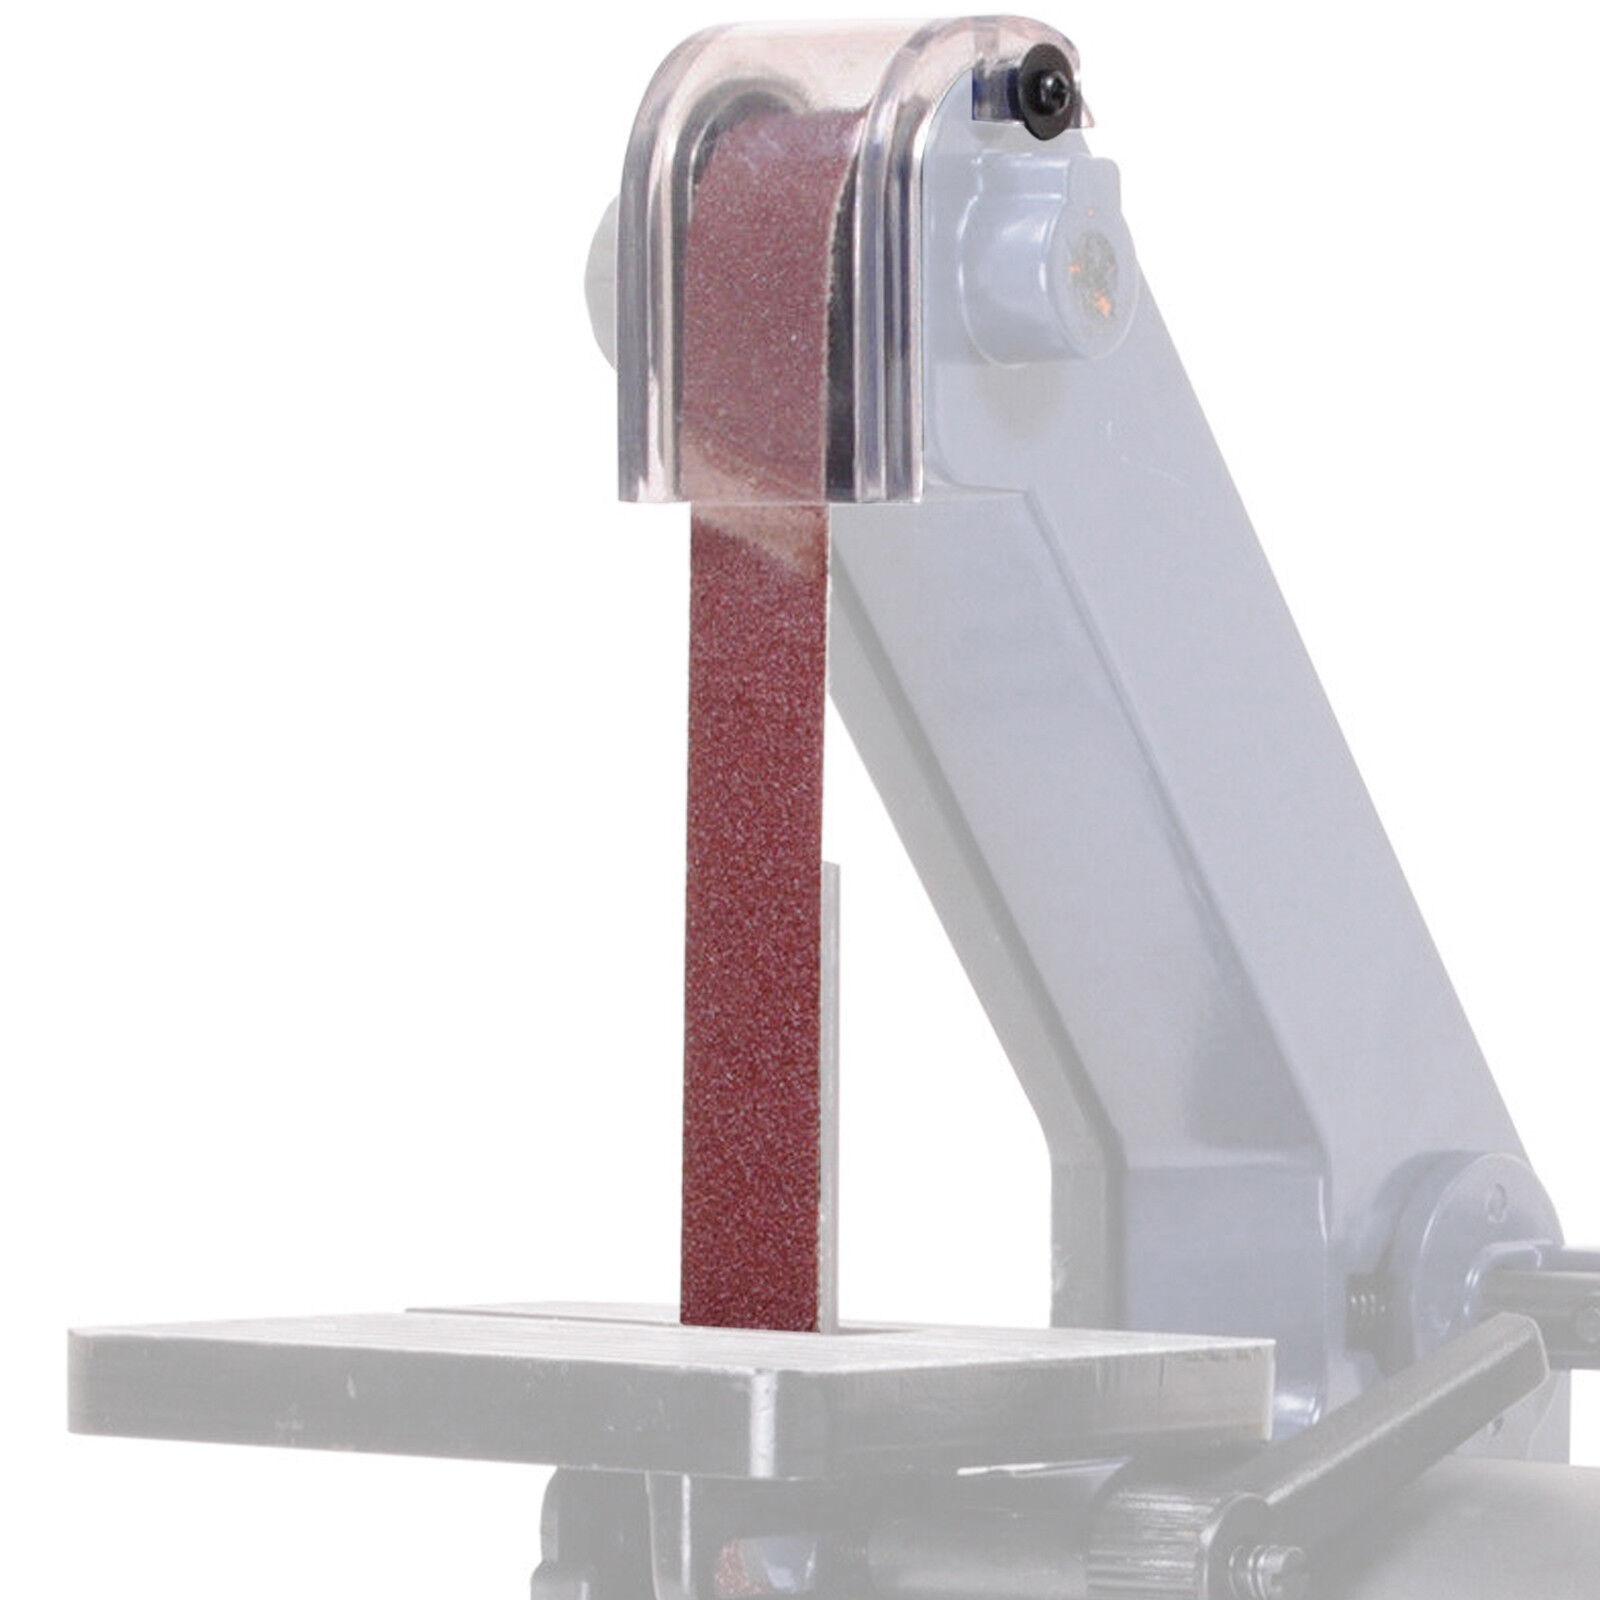 1 x 25x760mm P80 Grain De Rechange Nouveau Banc Table Top ponçage ponceuse machine Ceinture